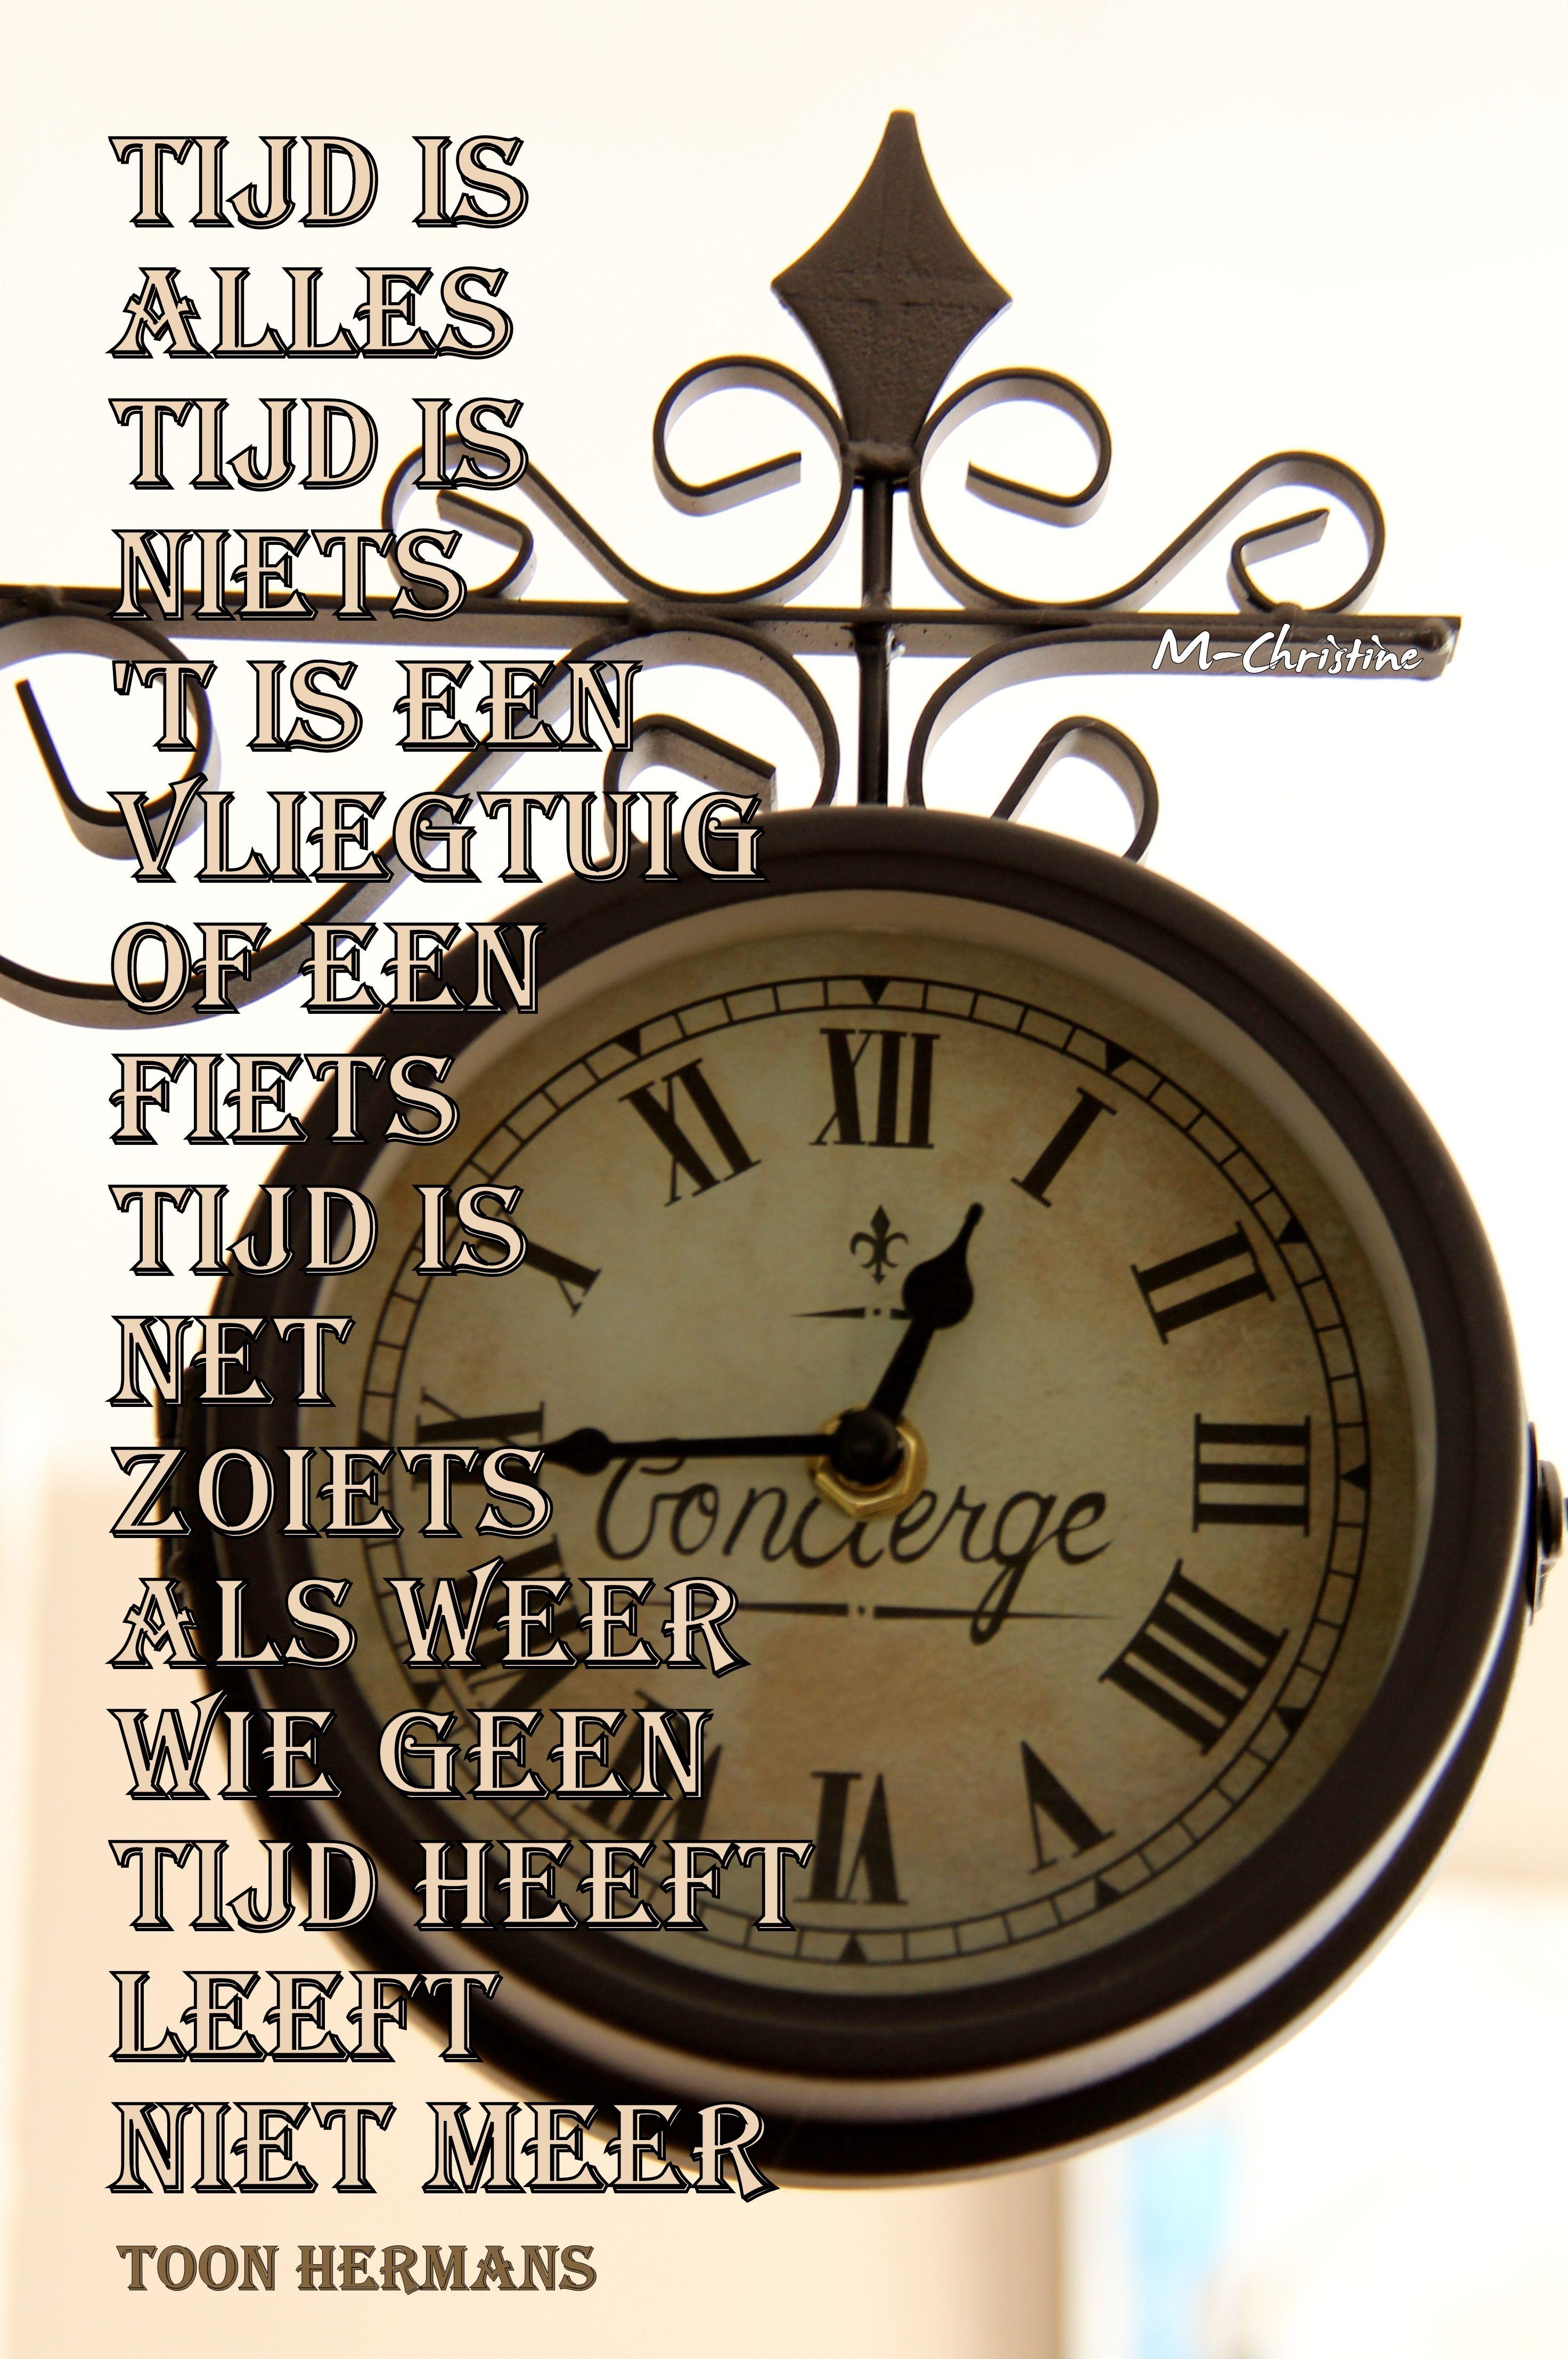 gezegden spreuken over tijd Toon Hermans (Tijd is alles tijd is niets) | Toon hermans   Tonen  gezegden spreuken over tijd